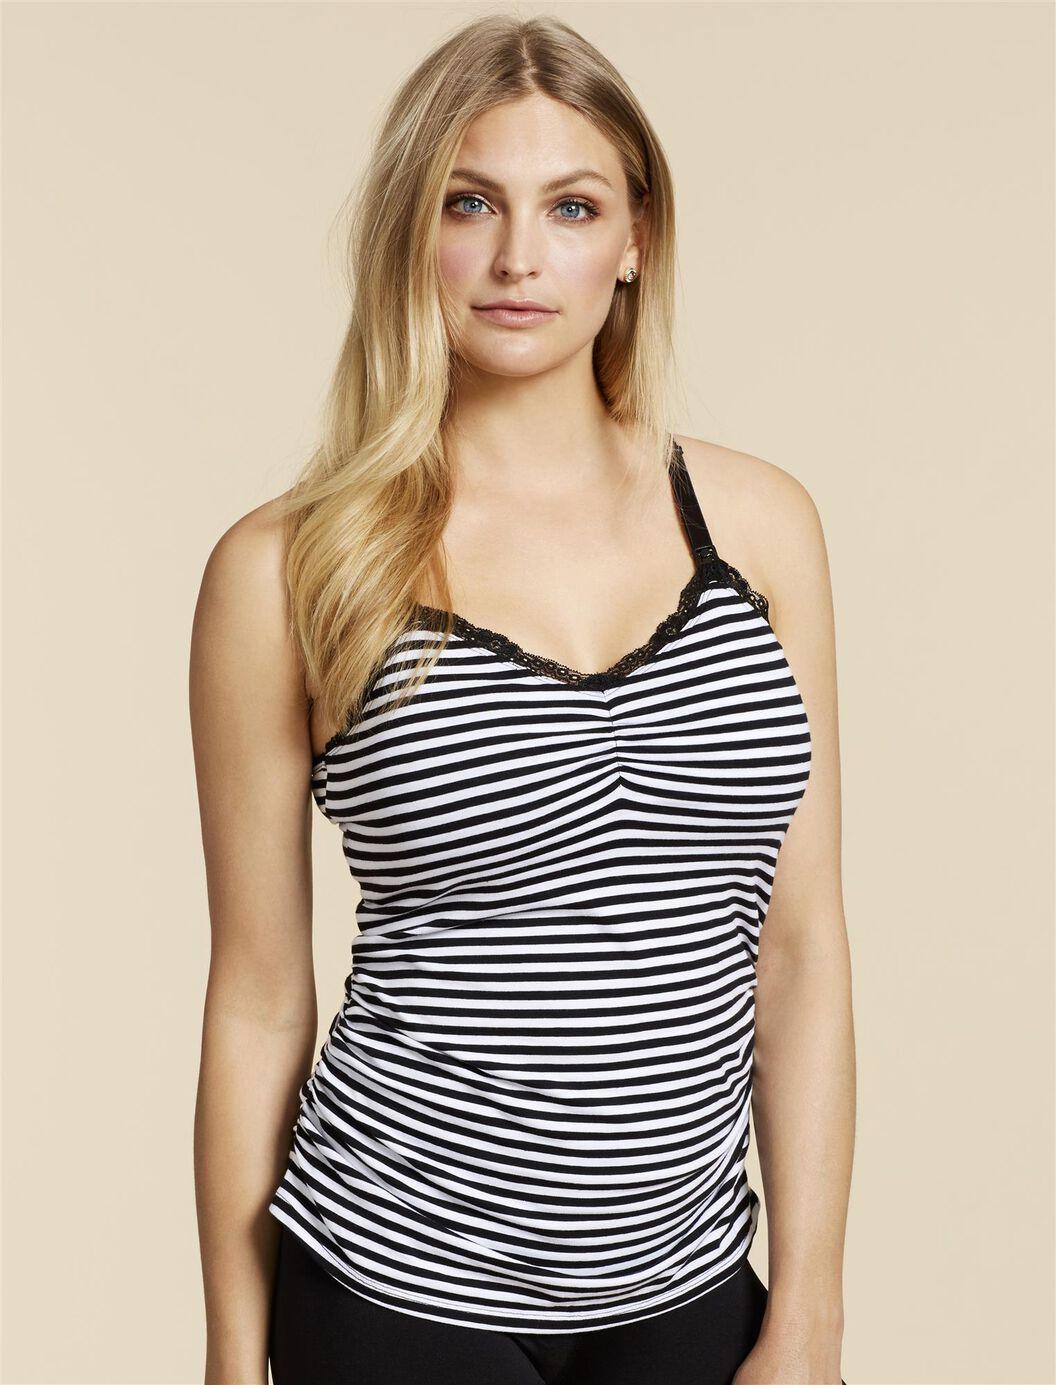 Jessica Simpson Clip Down Shelf Bra Nursing Cami- Stripe at Motherhood Maternity in Victor, NY | Tuggl